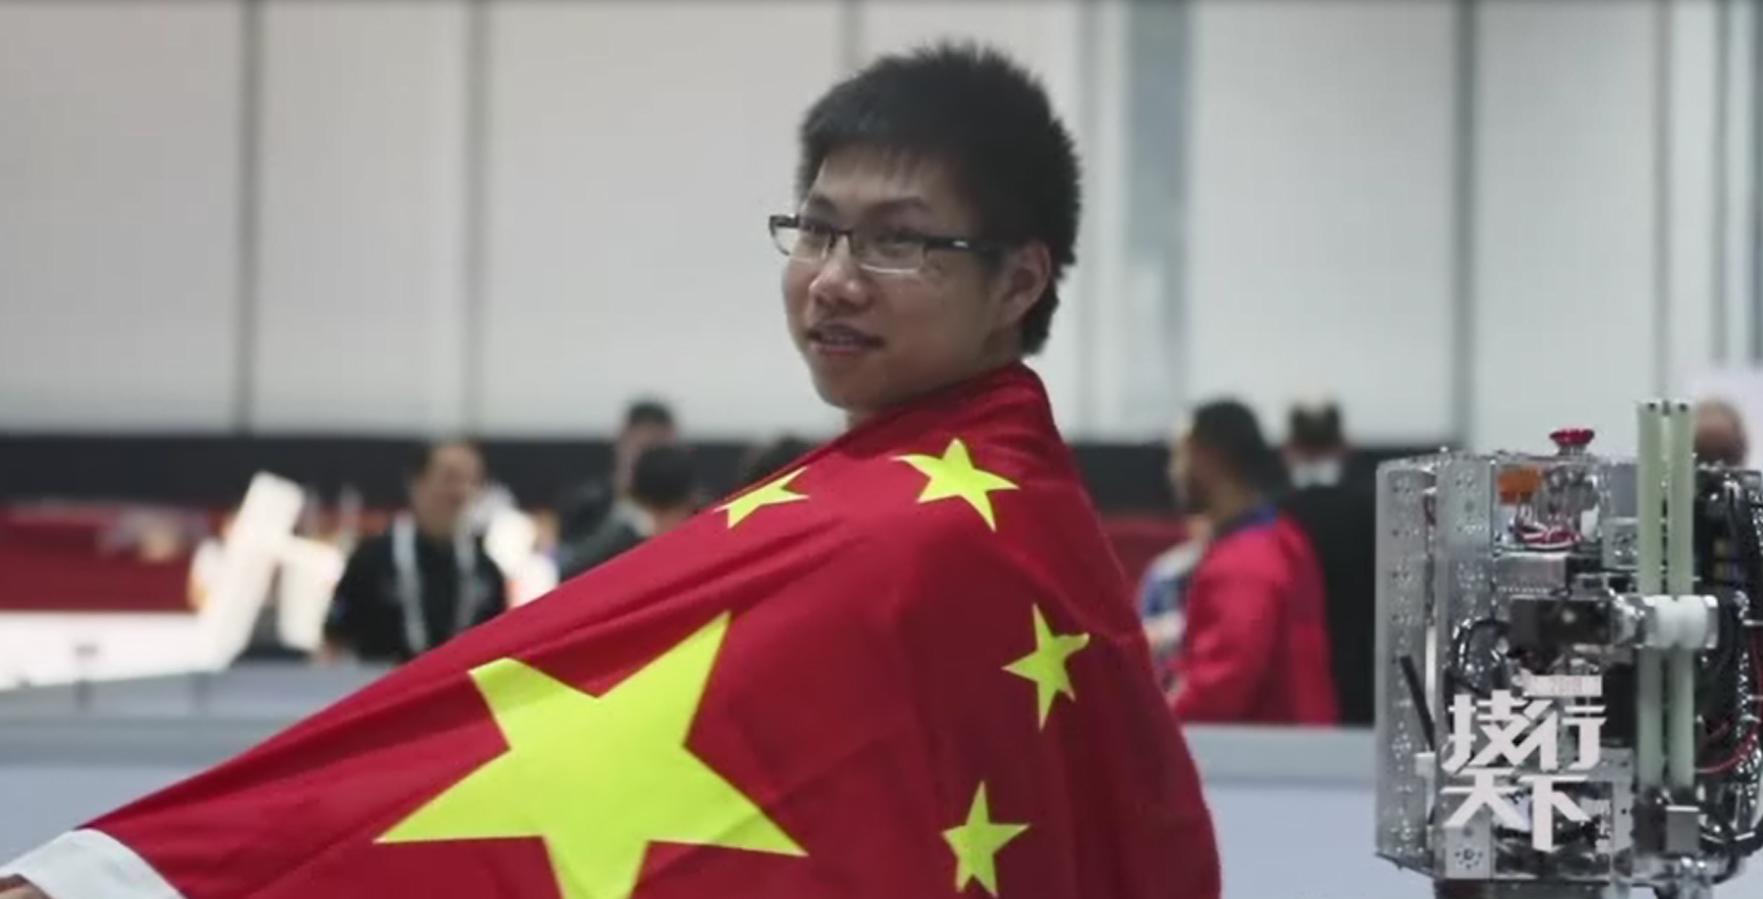 匠心坚守,逐梦前行,中国因你而美丽!